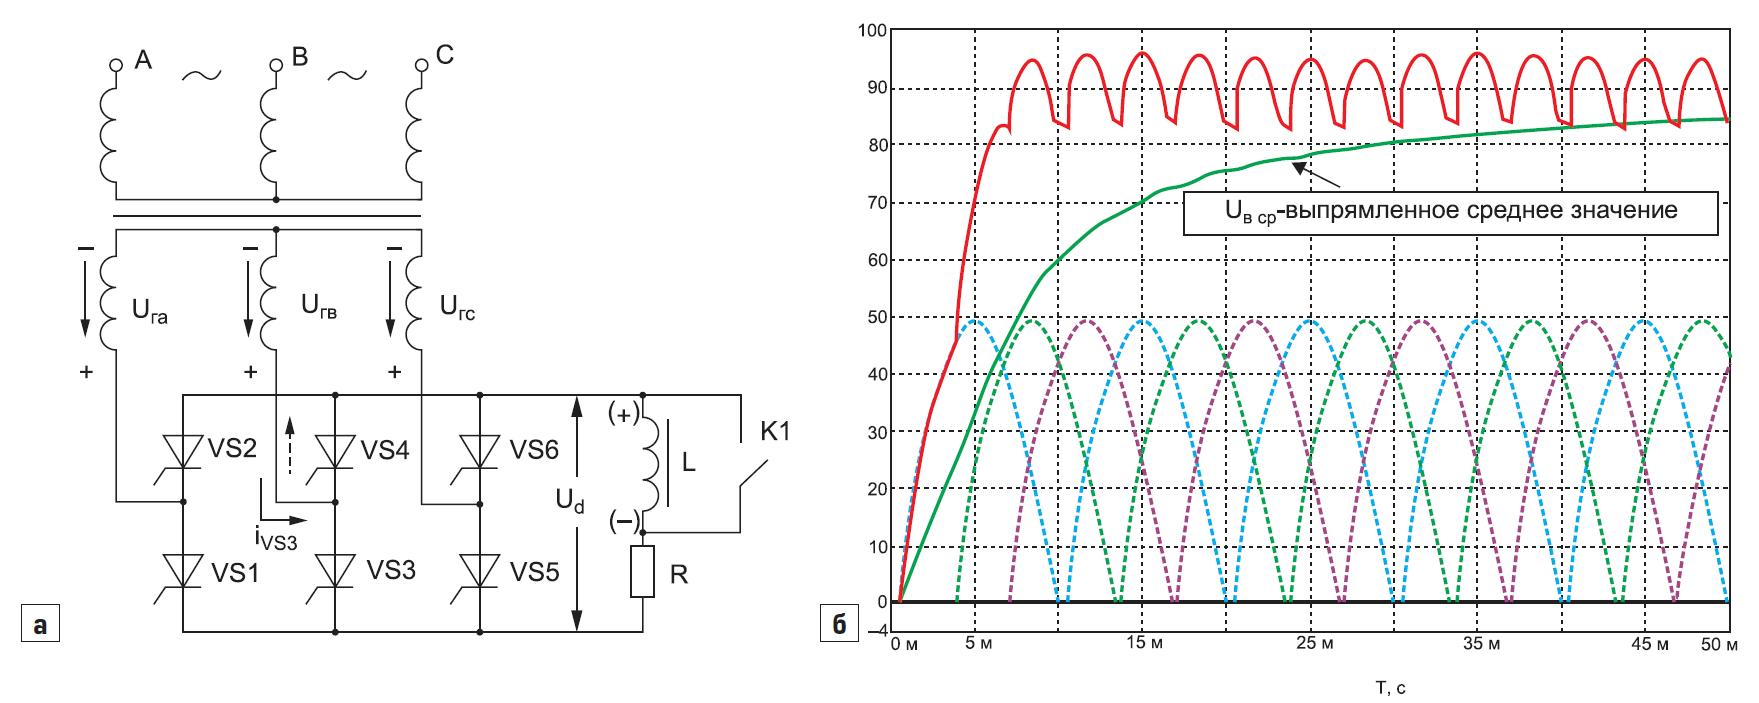 Трехфазный мостовой ТП с активной нагрузкой (К1 замкнут)